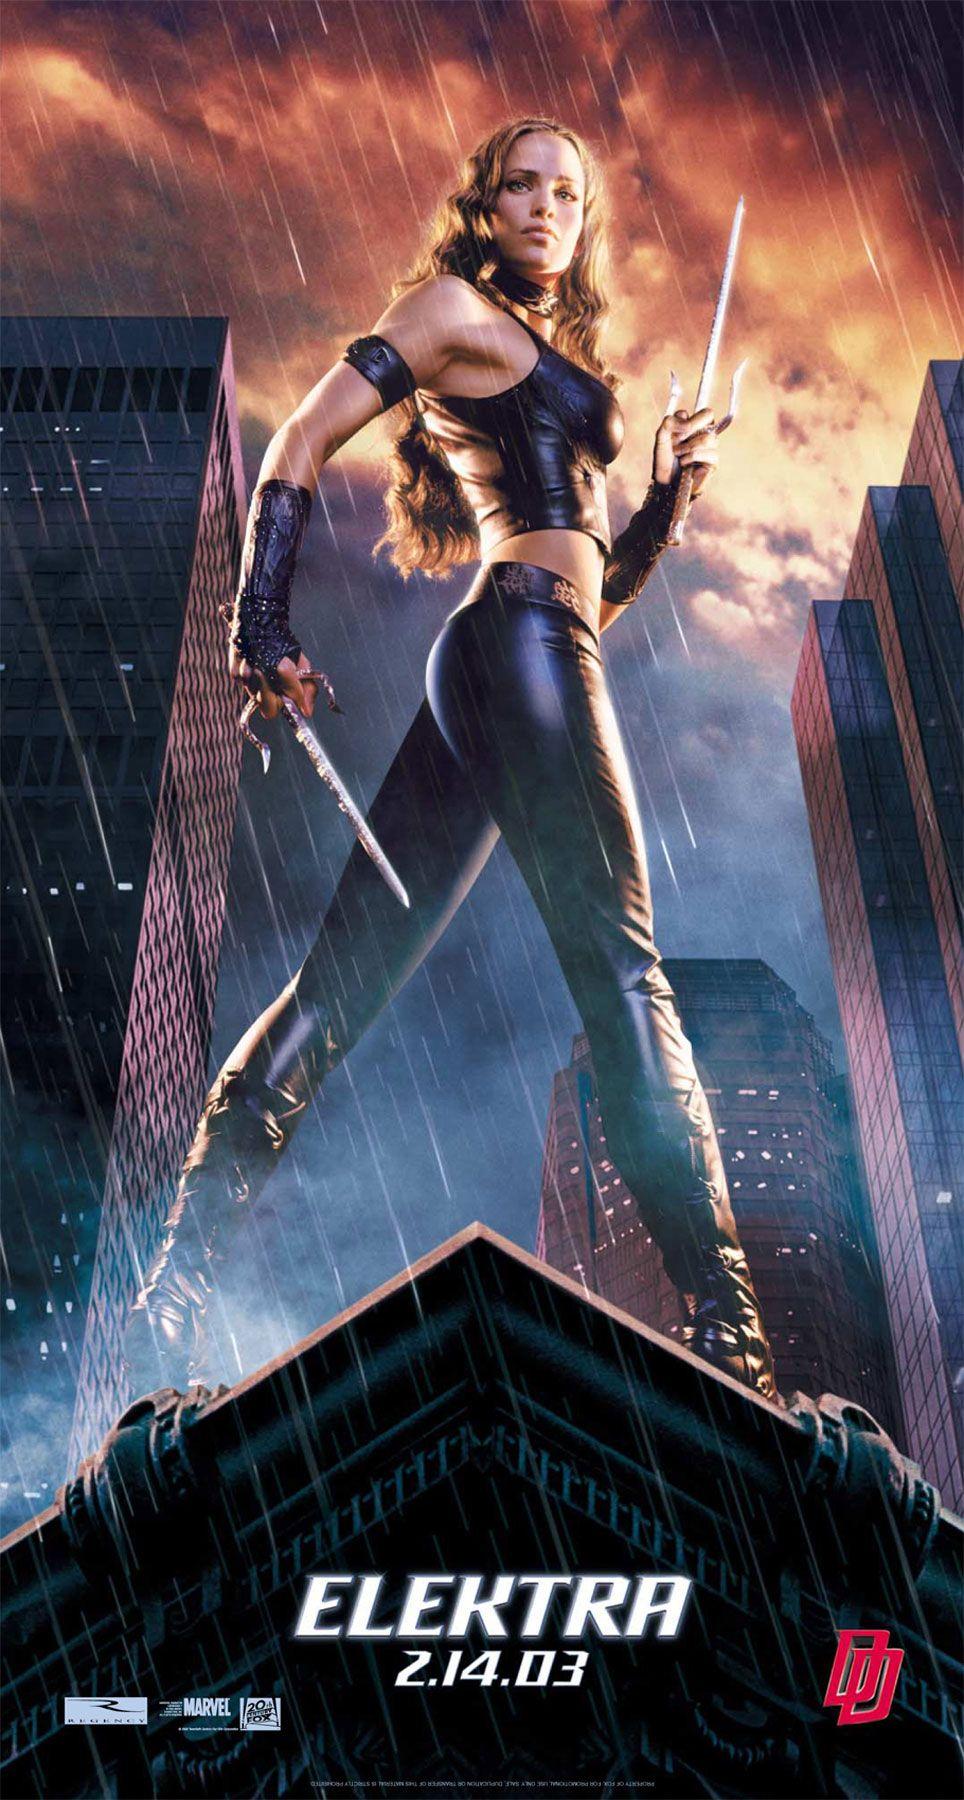 Elektra jennifer Garner Great Original Photo Print Ad! Looks Can Kill